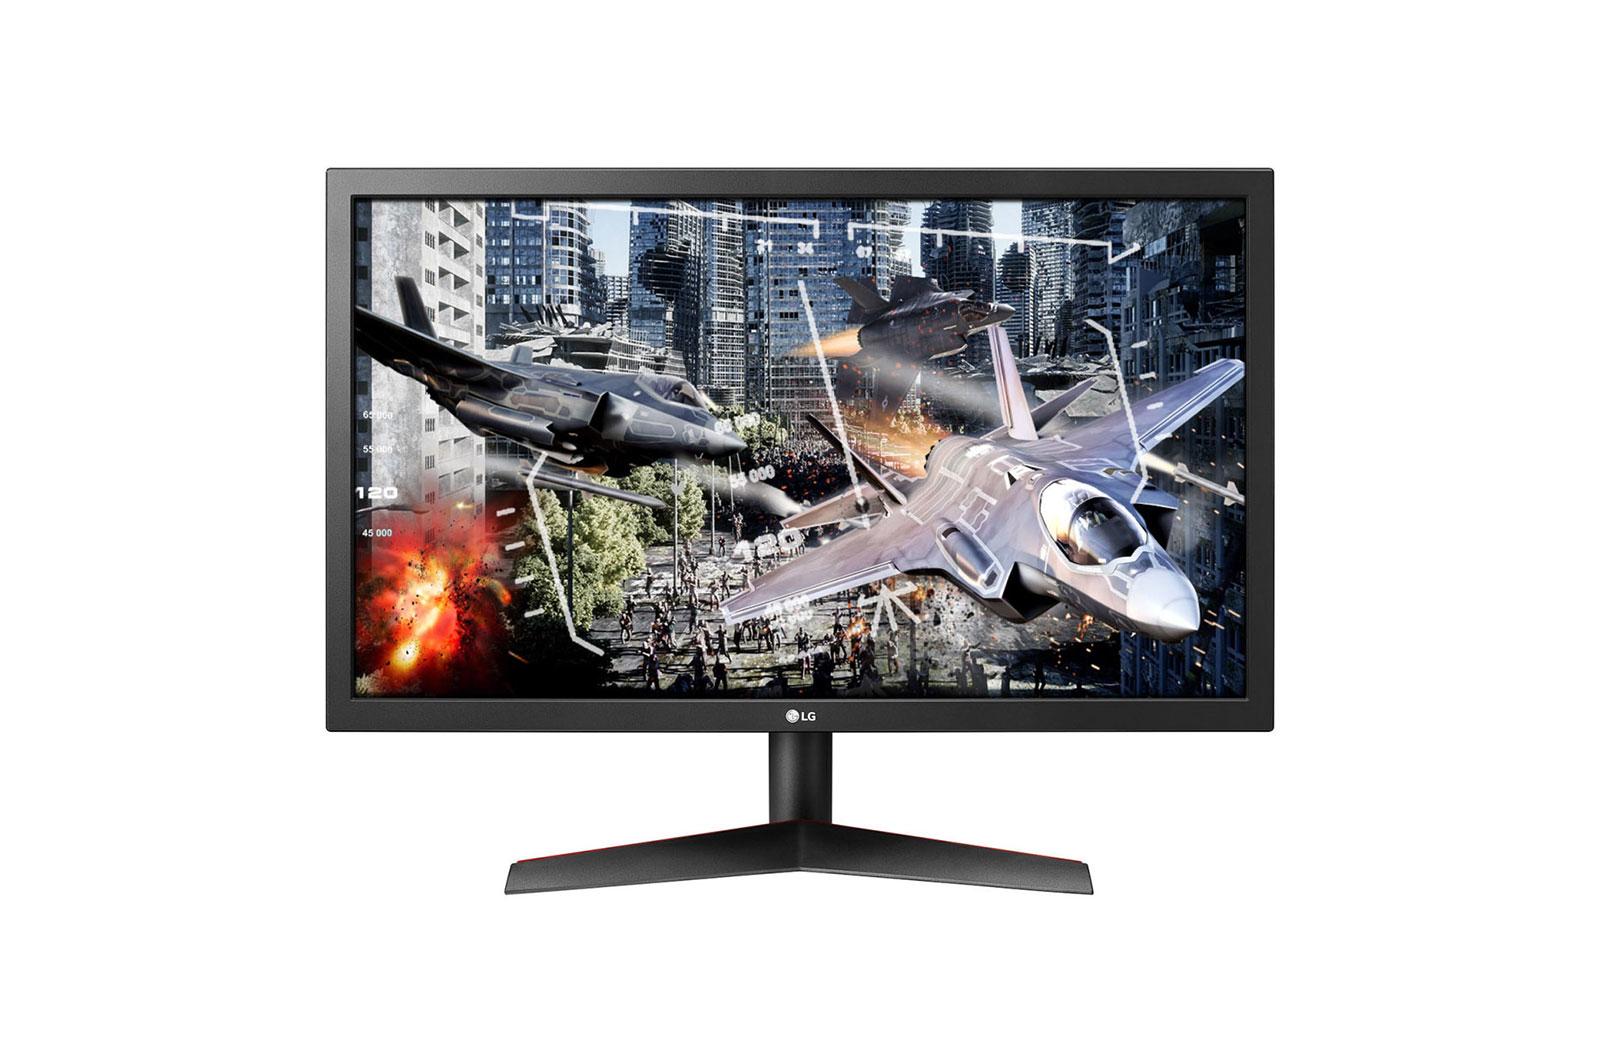 LG 24GL600F LED display 59.9 cm (23.6